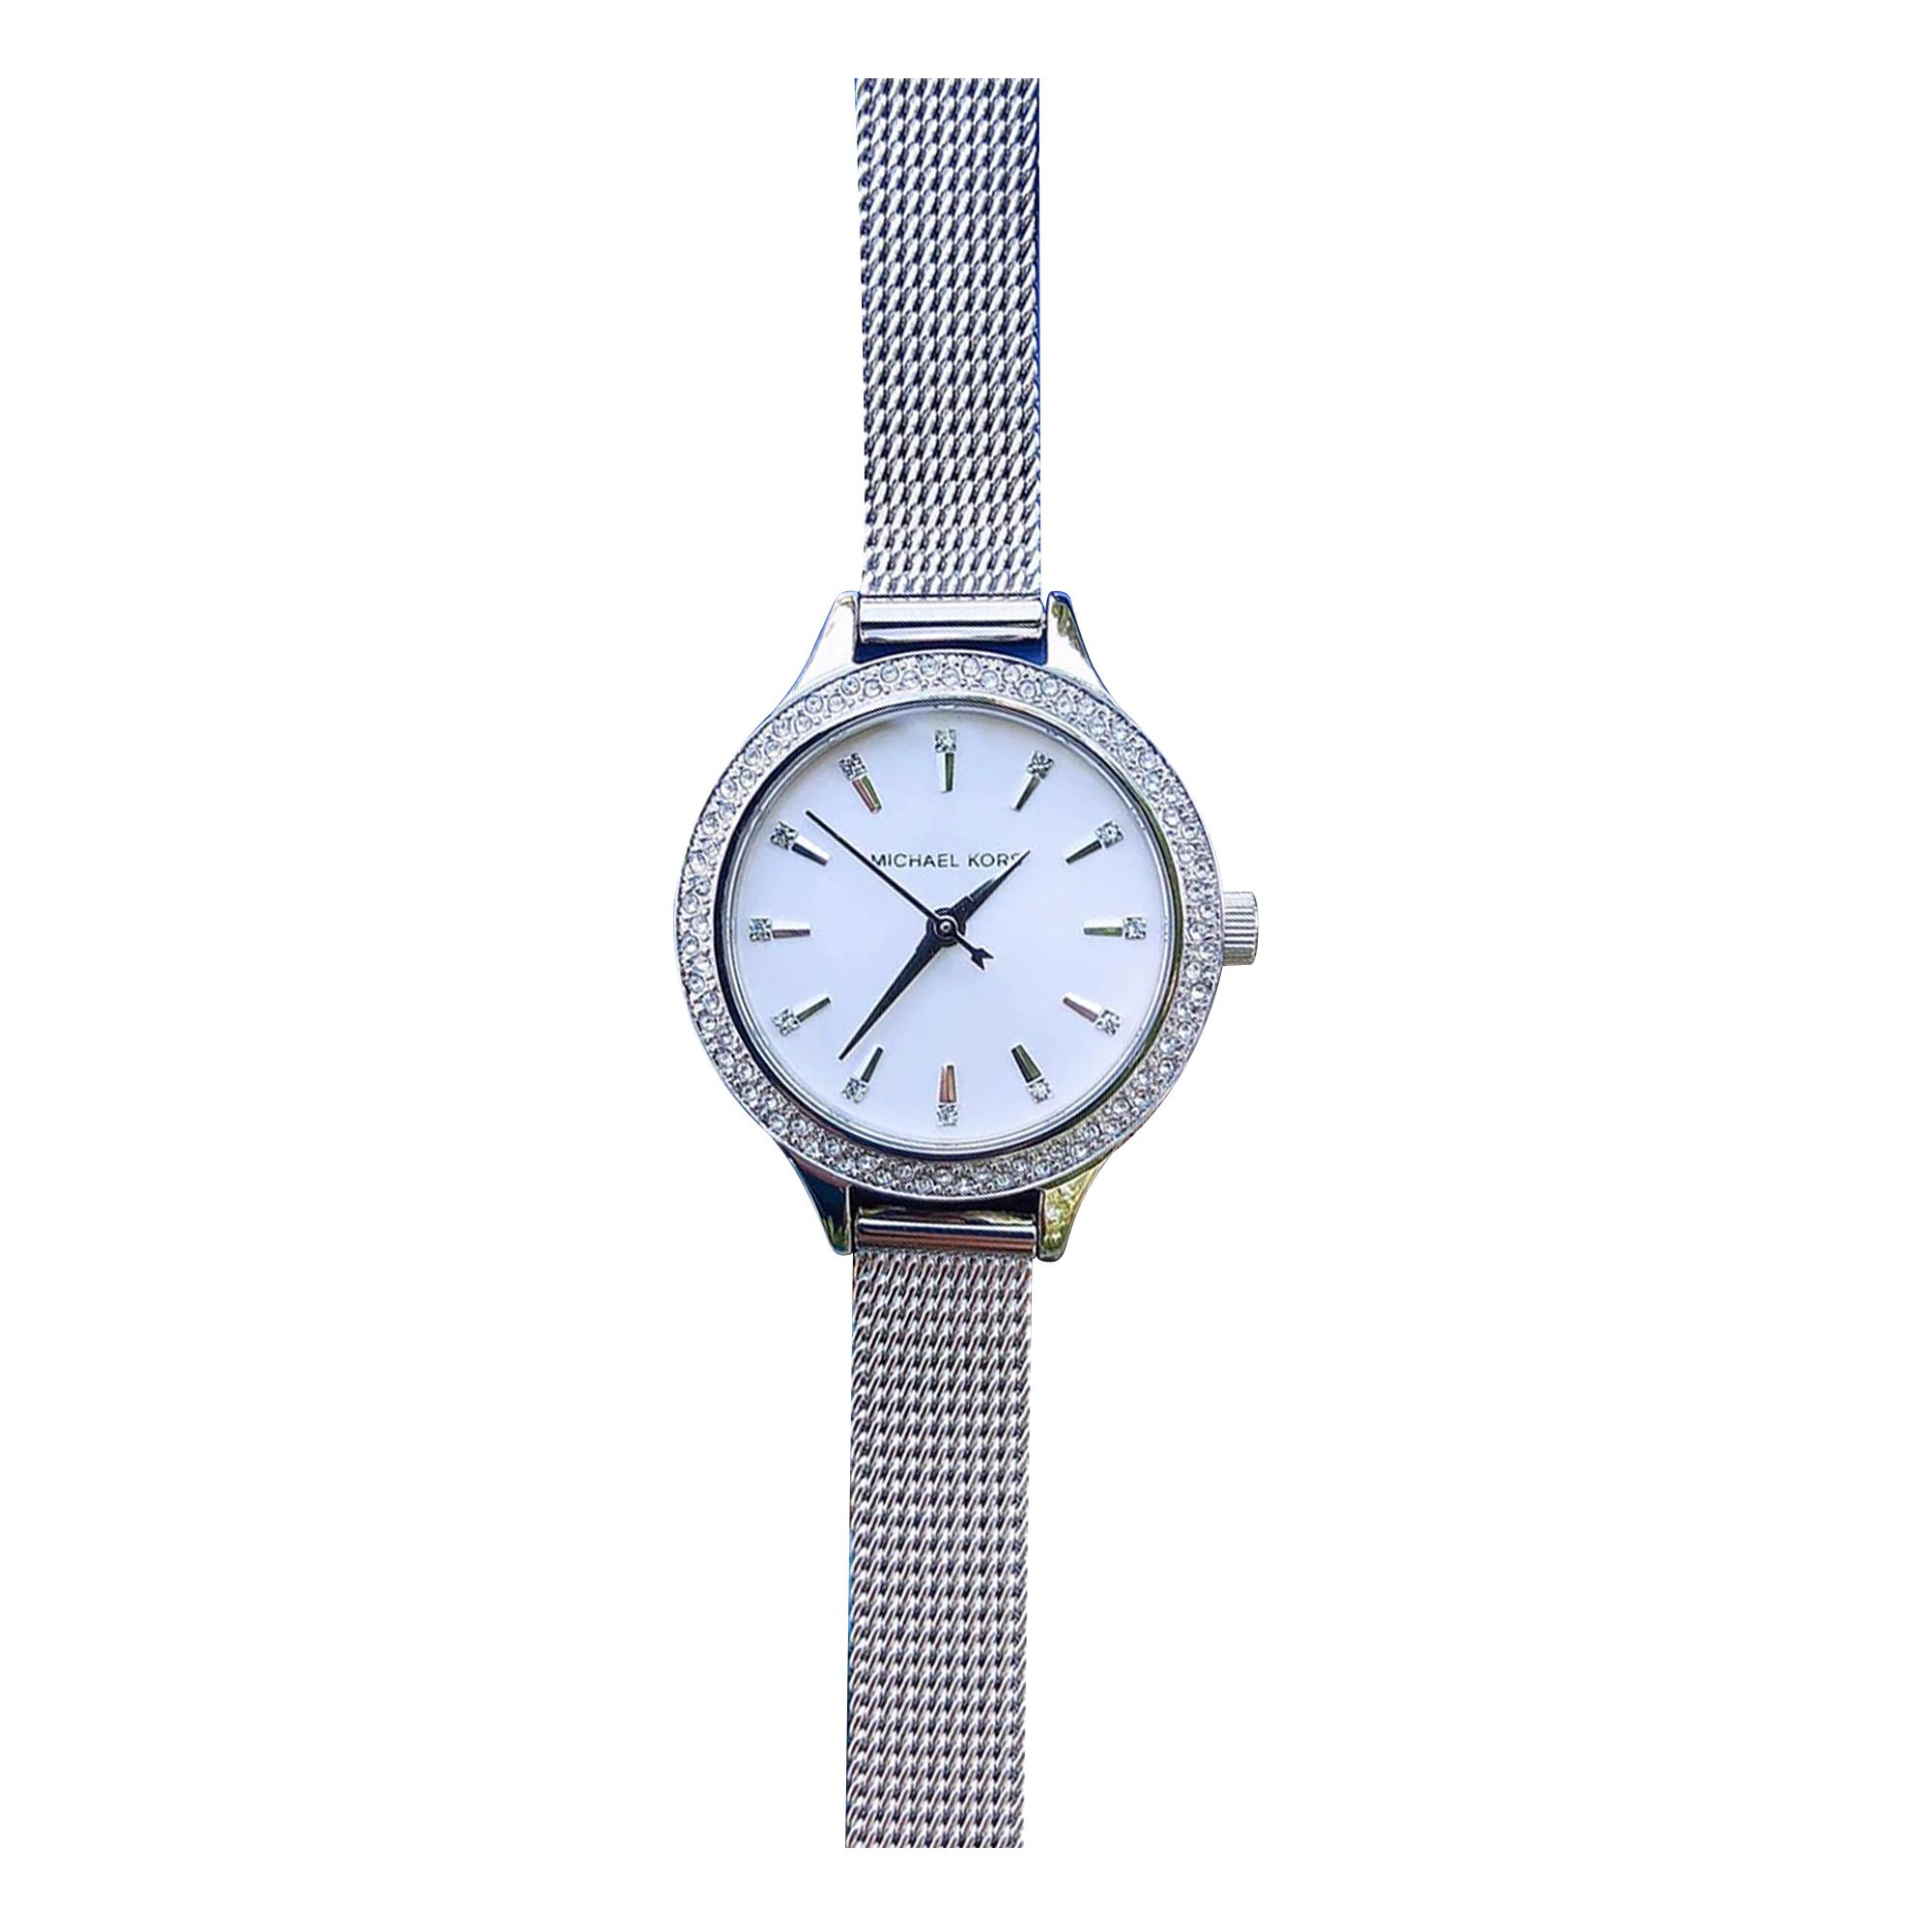 Đồng hồ nữ chính hãng Michael Kors MK3953 bảo hành toàn cầu - Máy pin dây thép không gỉ